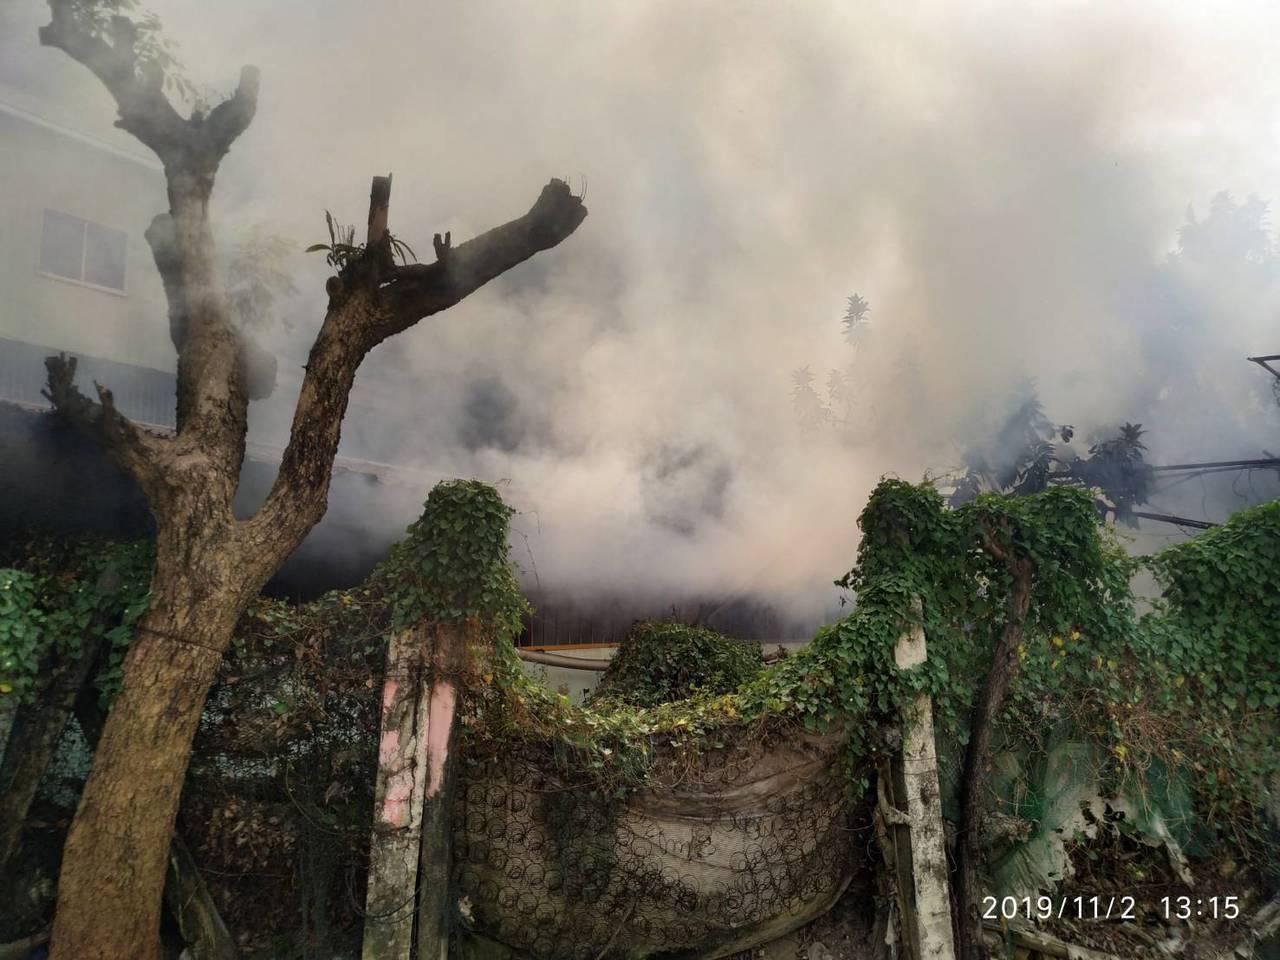 高雄三民區一廢棄幼稚園火警,消防隊搶滅火勢。圖/讀者提供